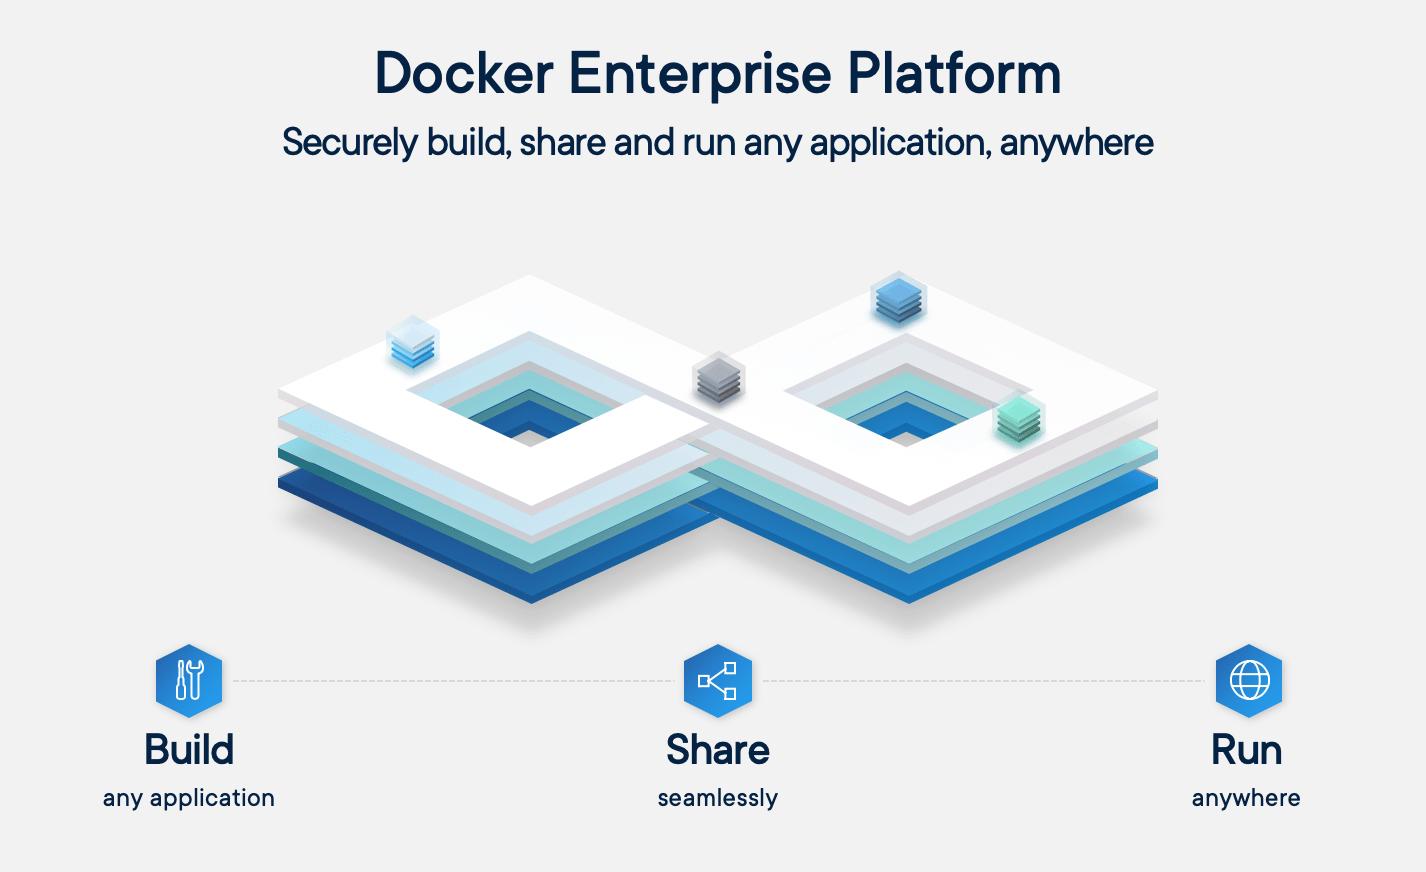 Трансформация Docker: продажа Docker Enterprise в Mirantis и обновлённый путь - 2